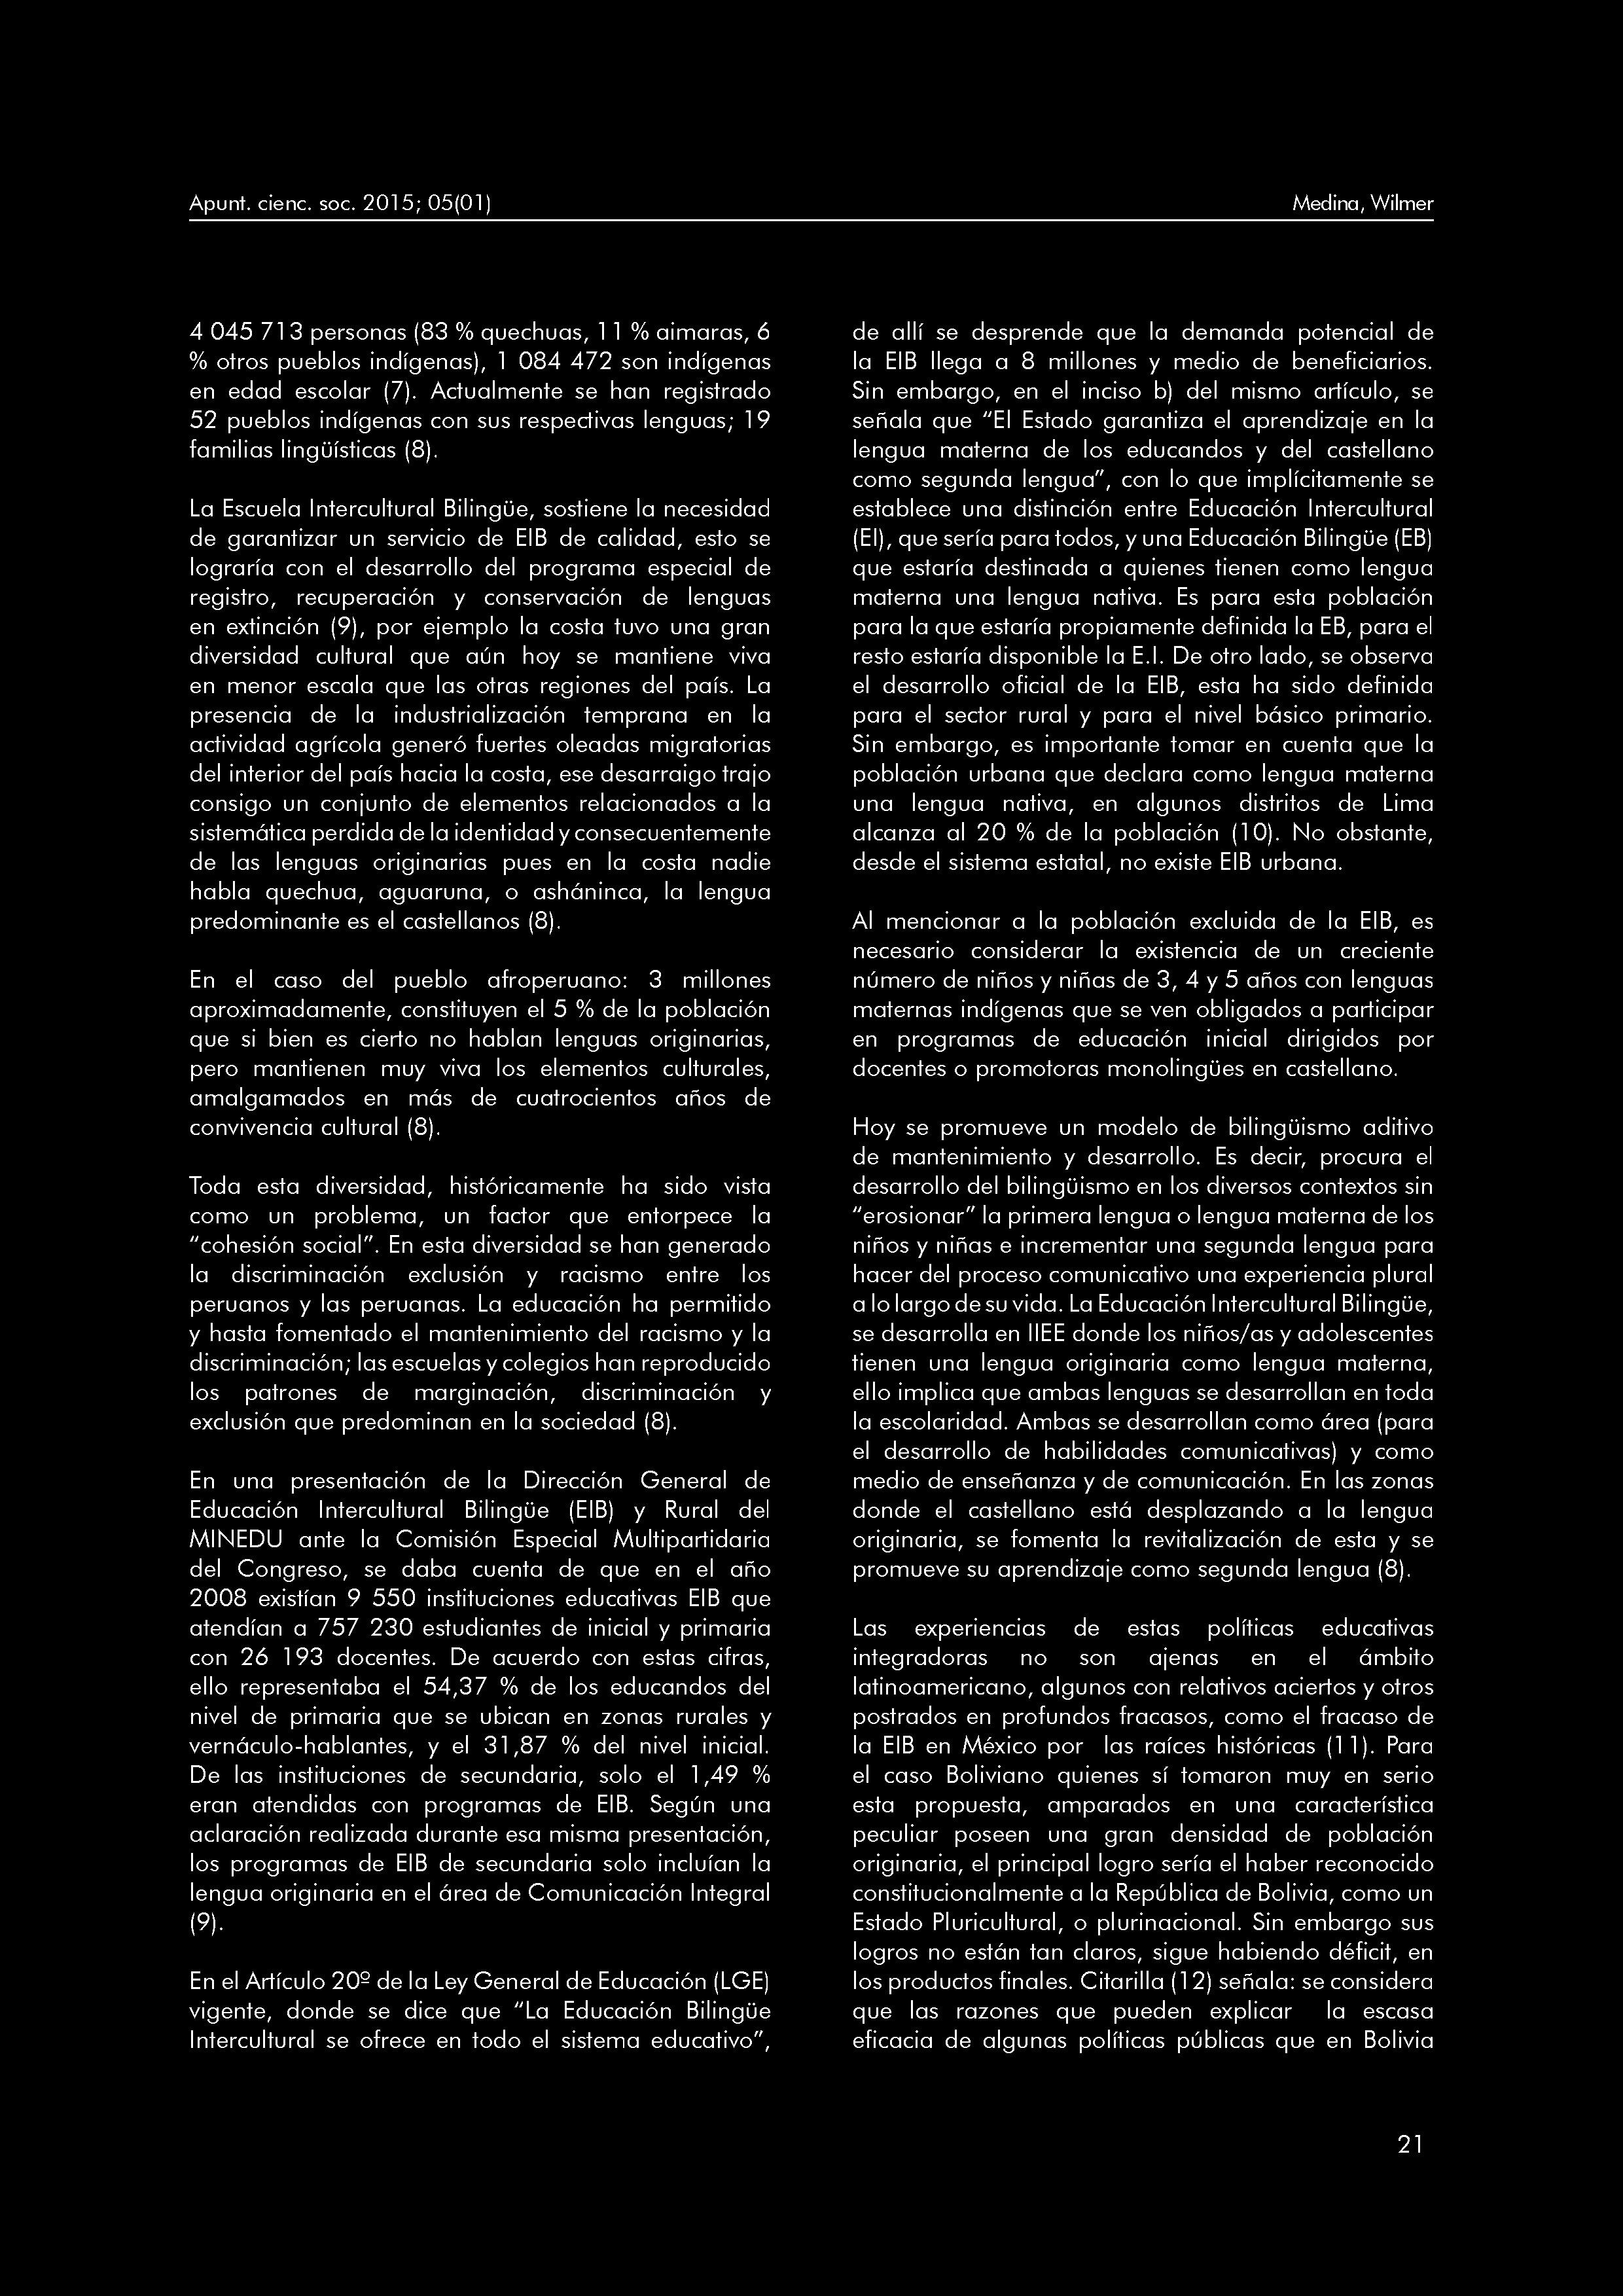 Calendario Escolar 2019 Neuquen Más Recientes Apuntes De Ciencia & sociedad issn X Enero Junio 2015 Volum En 5 Of Calendario Escolar 2019 Neuquen Más Populares Calaméo Memoria 2014